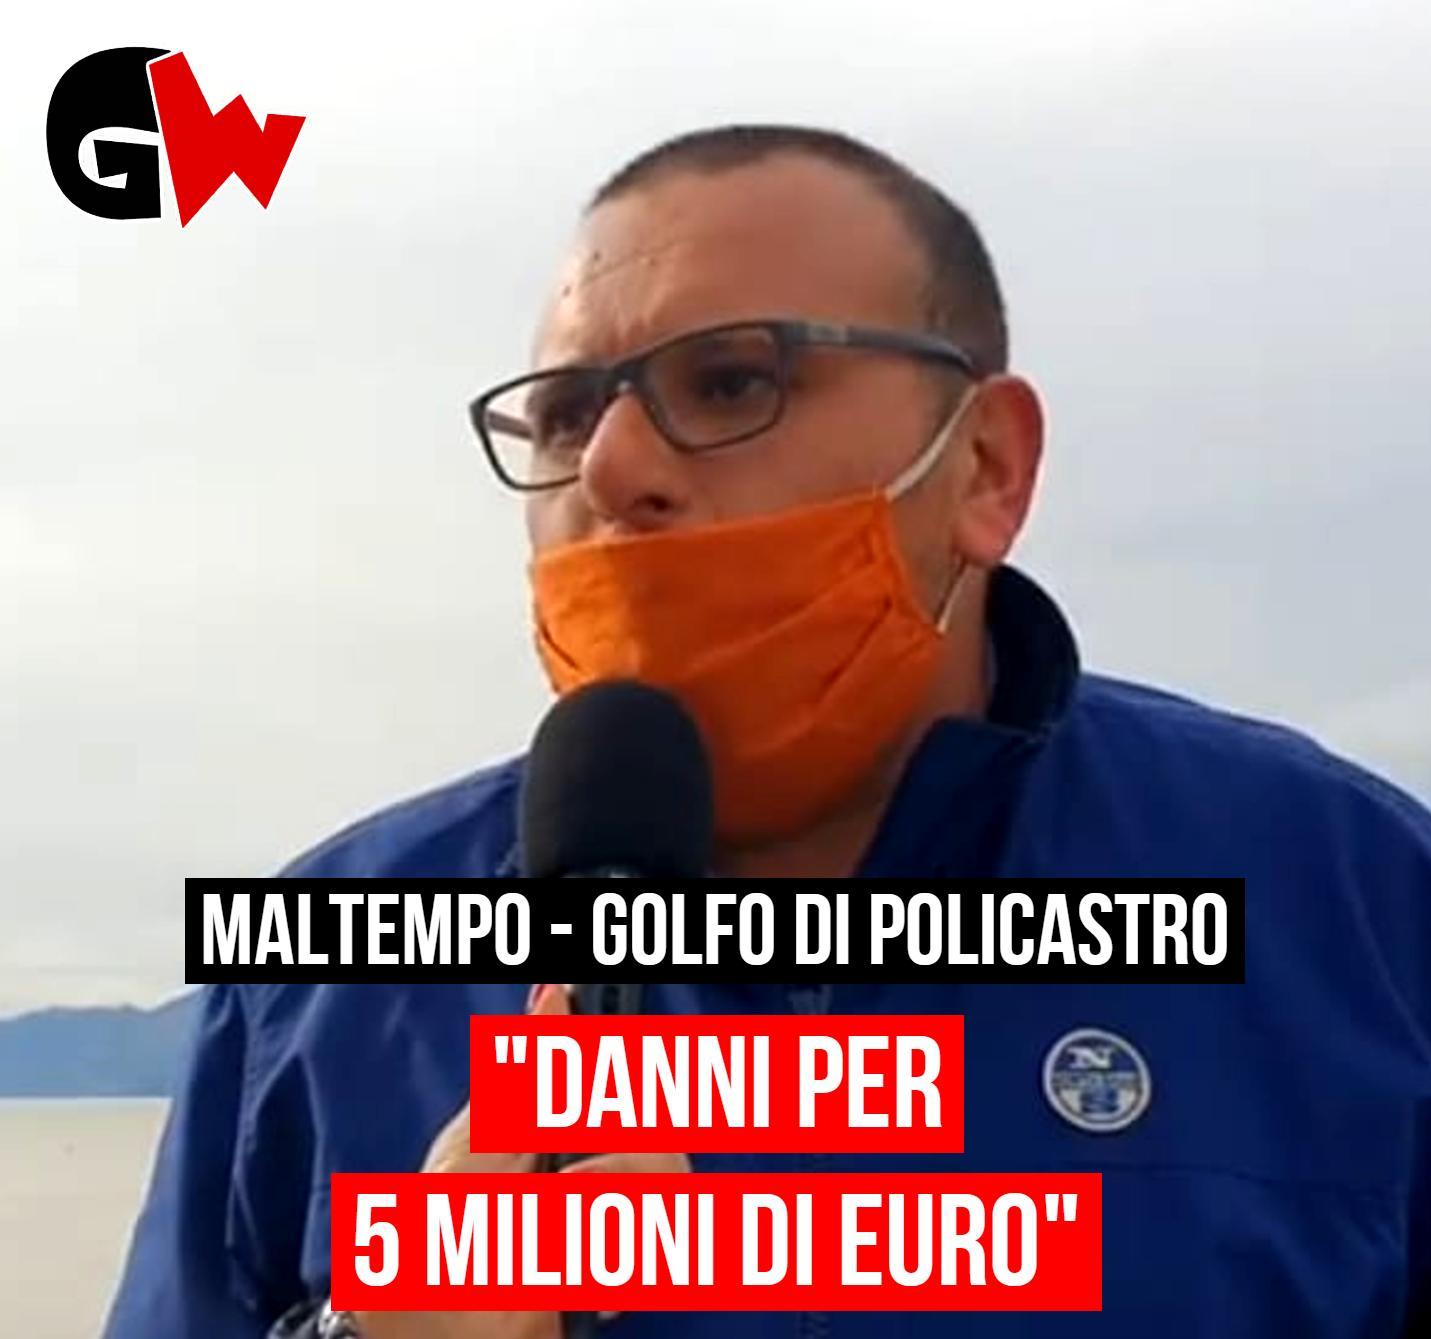 """Maltempo Golfo di Policastro: """"Danni per oltre 5 milioni di euro"""" - Gwendalina.tv"""